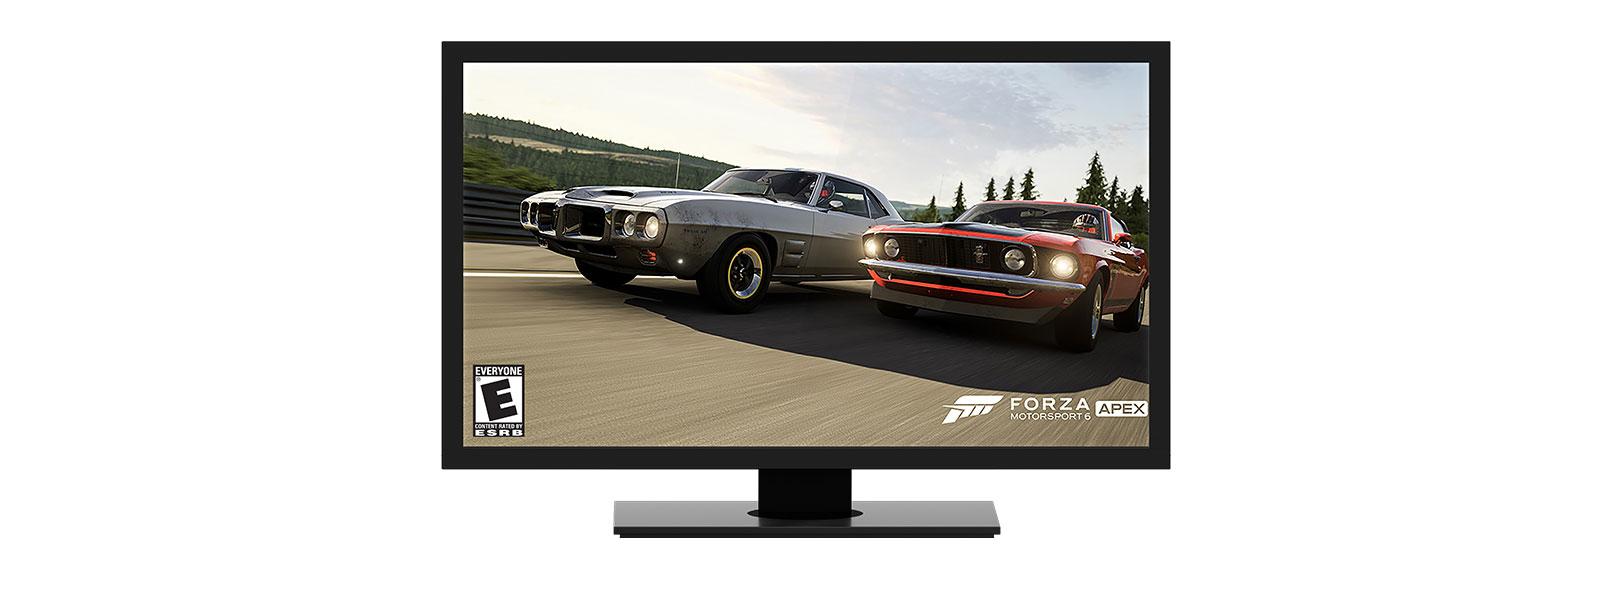 Windows 데스크톱에서 즐기는 Forza 게임